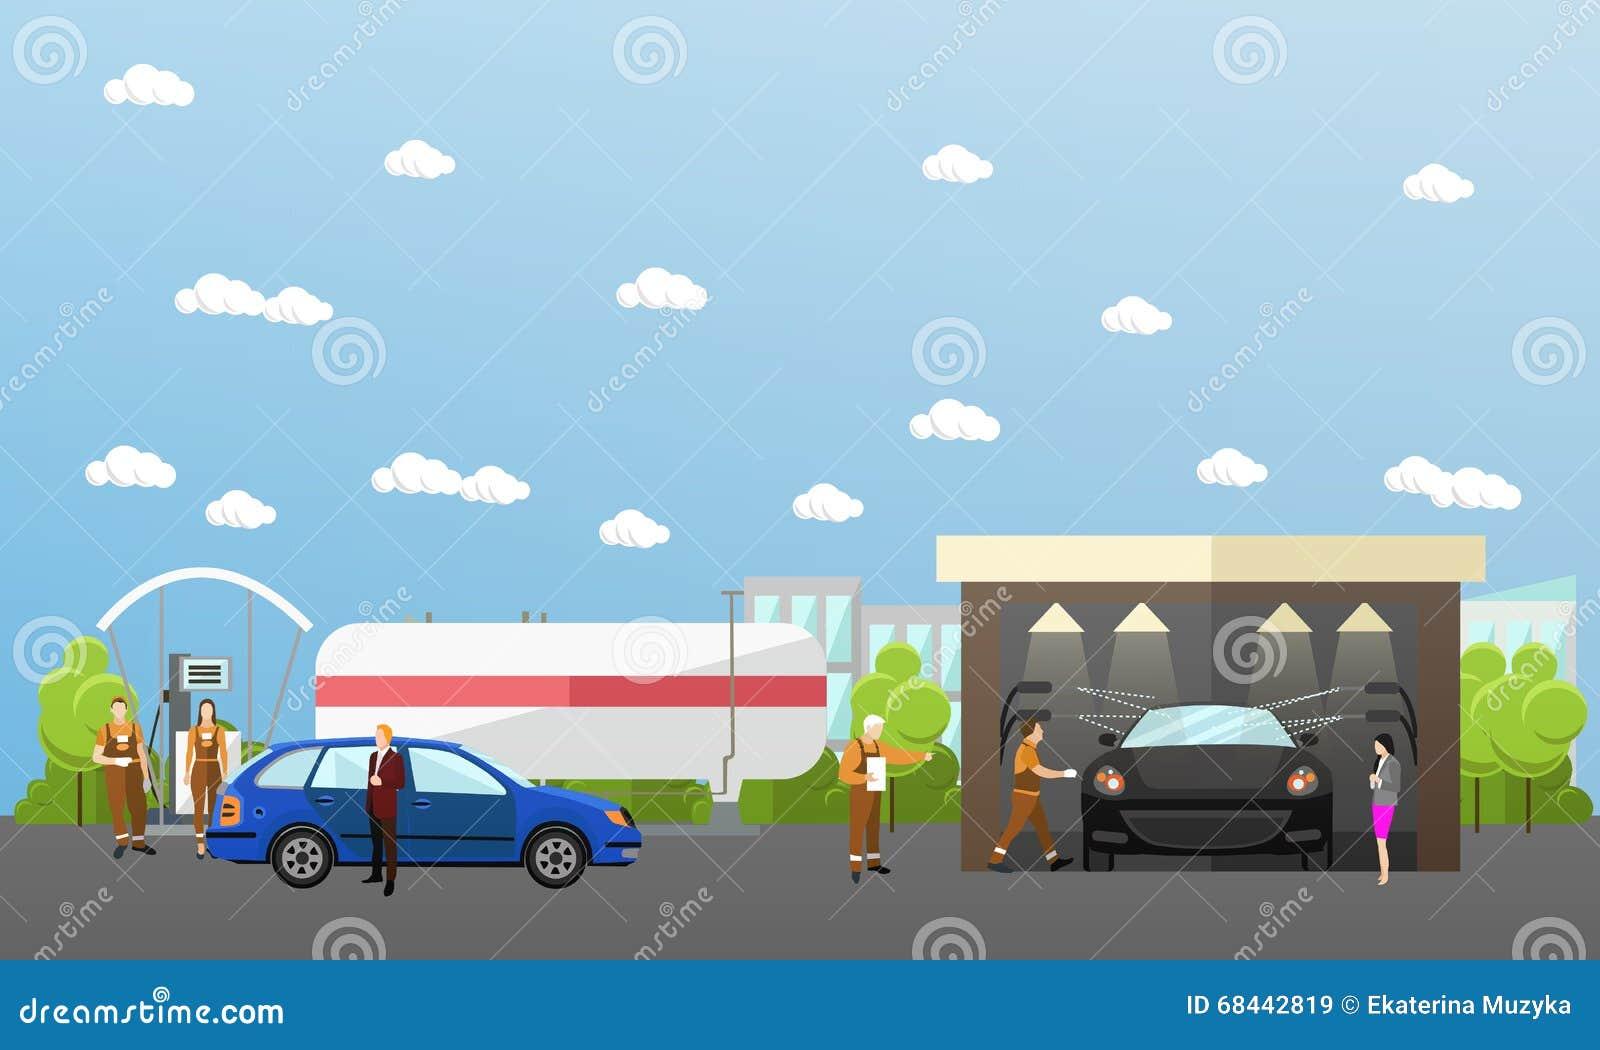 Car Wash Service 2 Flat Banners Cartoon Vector